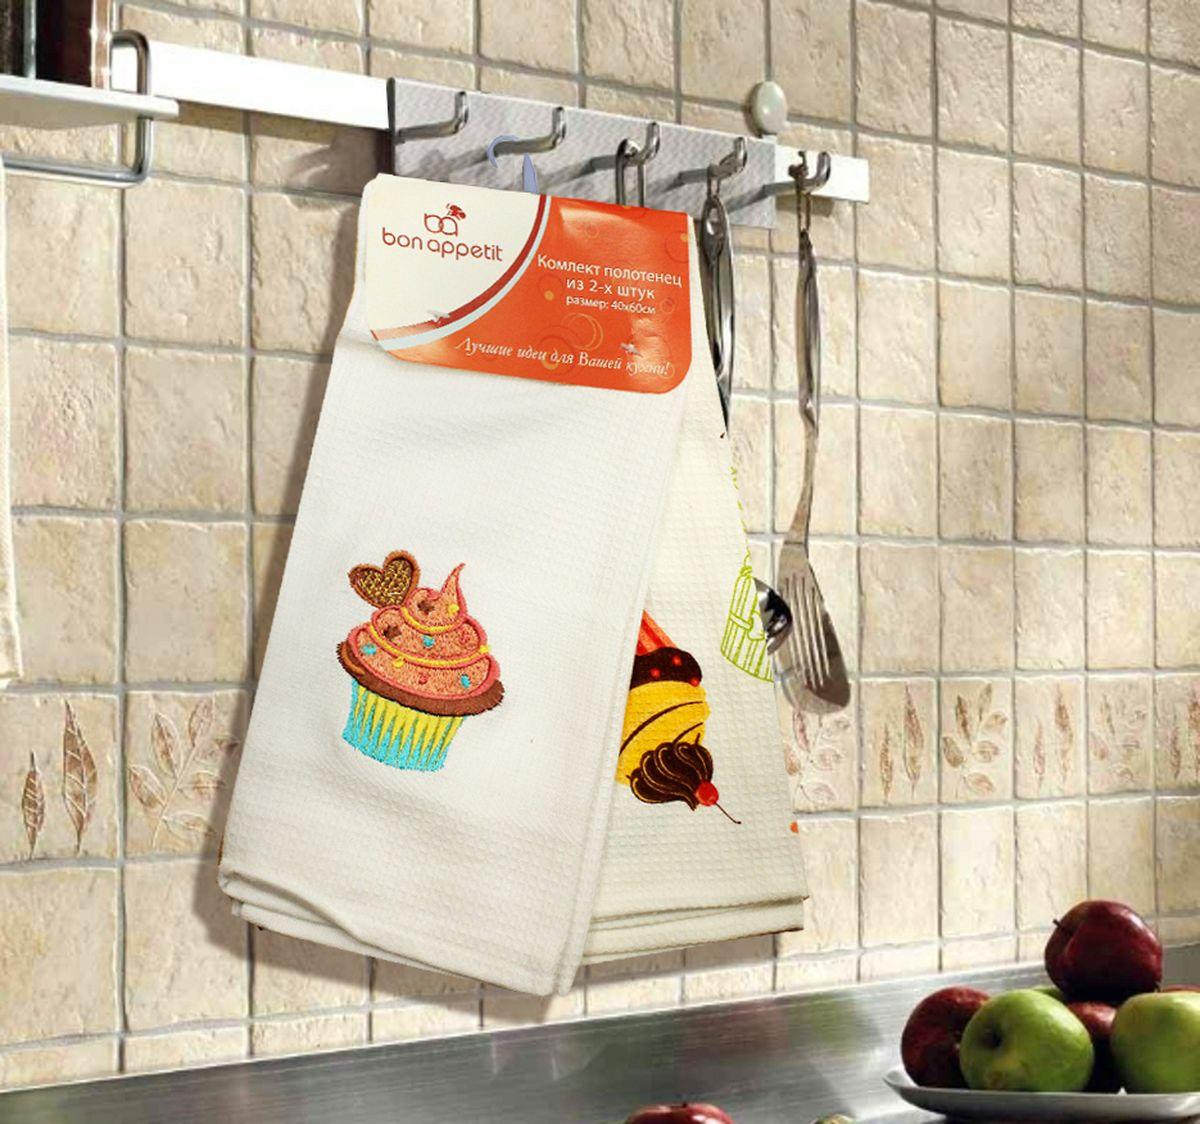 Набор кухонных полотенец Bon Appetit Cake, цвет: синий, 2 шт68108Кухонные полотенца Bon Appetit Cake идеально дополнят интерьер вашей кухни и создадут атмосферу уюта и комфорта. Полотенца выполнены из натурального 100% хлопка, поэтому являются экологически чистыми. Качество материала гарантирует безопасность не только взрослых, но и самых маленьких членов семьи.Размер полотенца: 40 х 60 см. В комплекте: 2 полотенца.